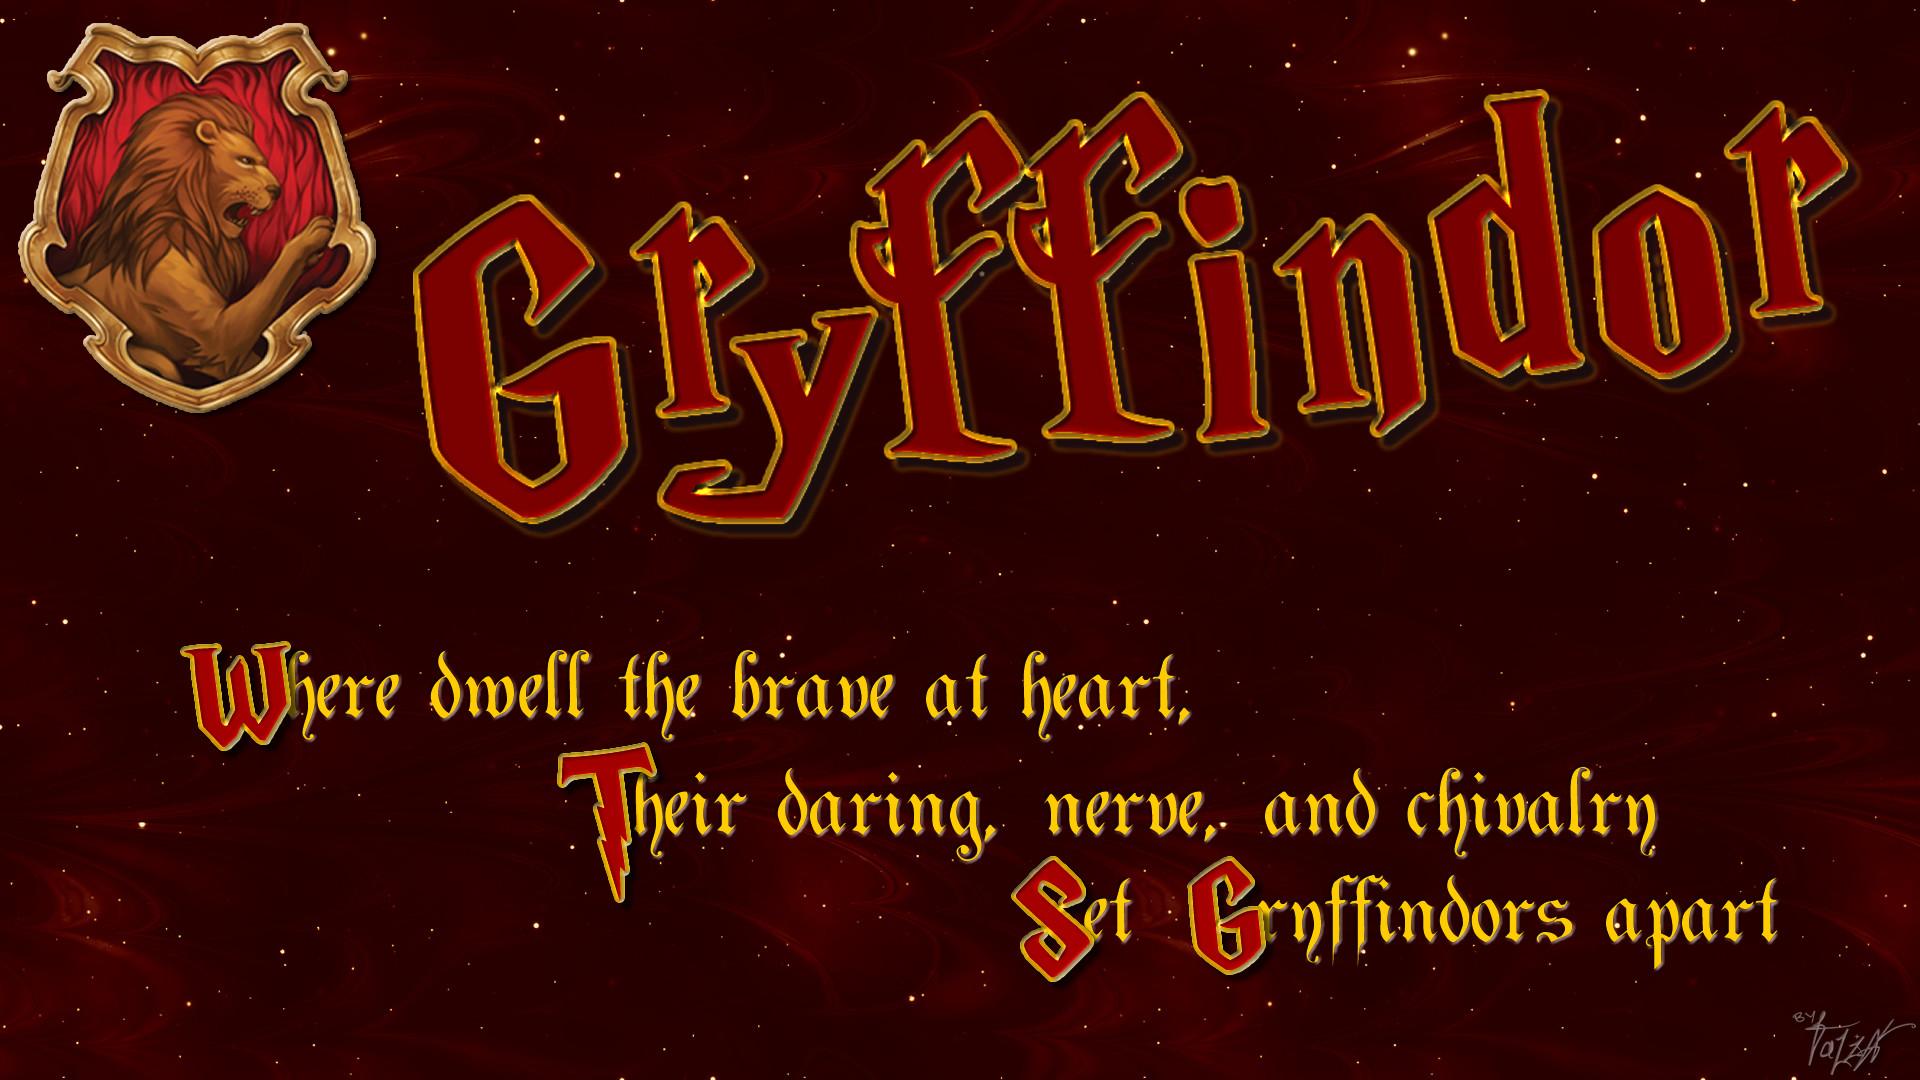 Fantasy – Harry Potter Wallpaper